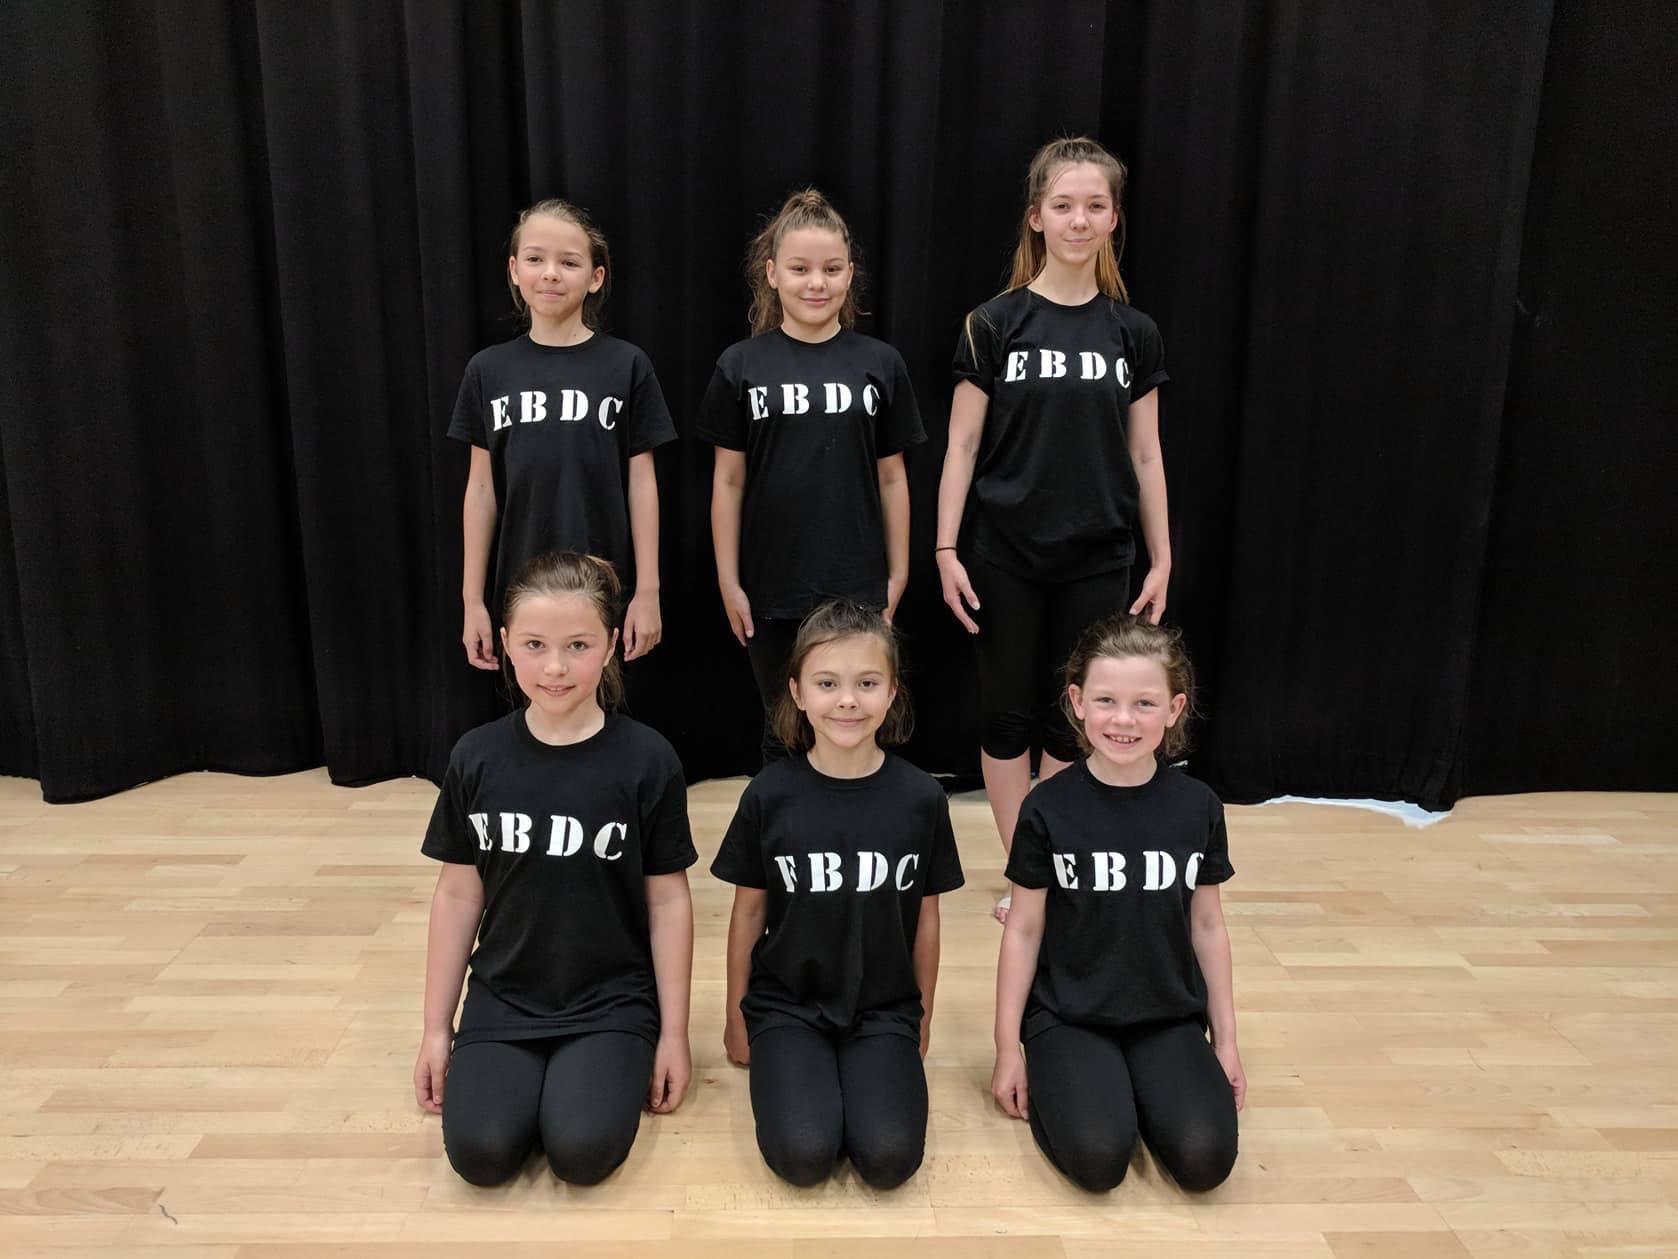 EBDC Contemporary-Team-dancing-peterborough-eb-dance-squad